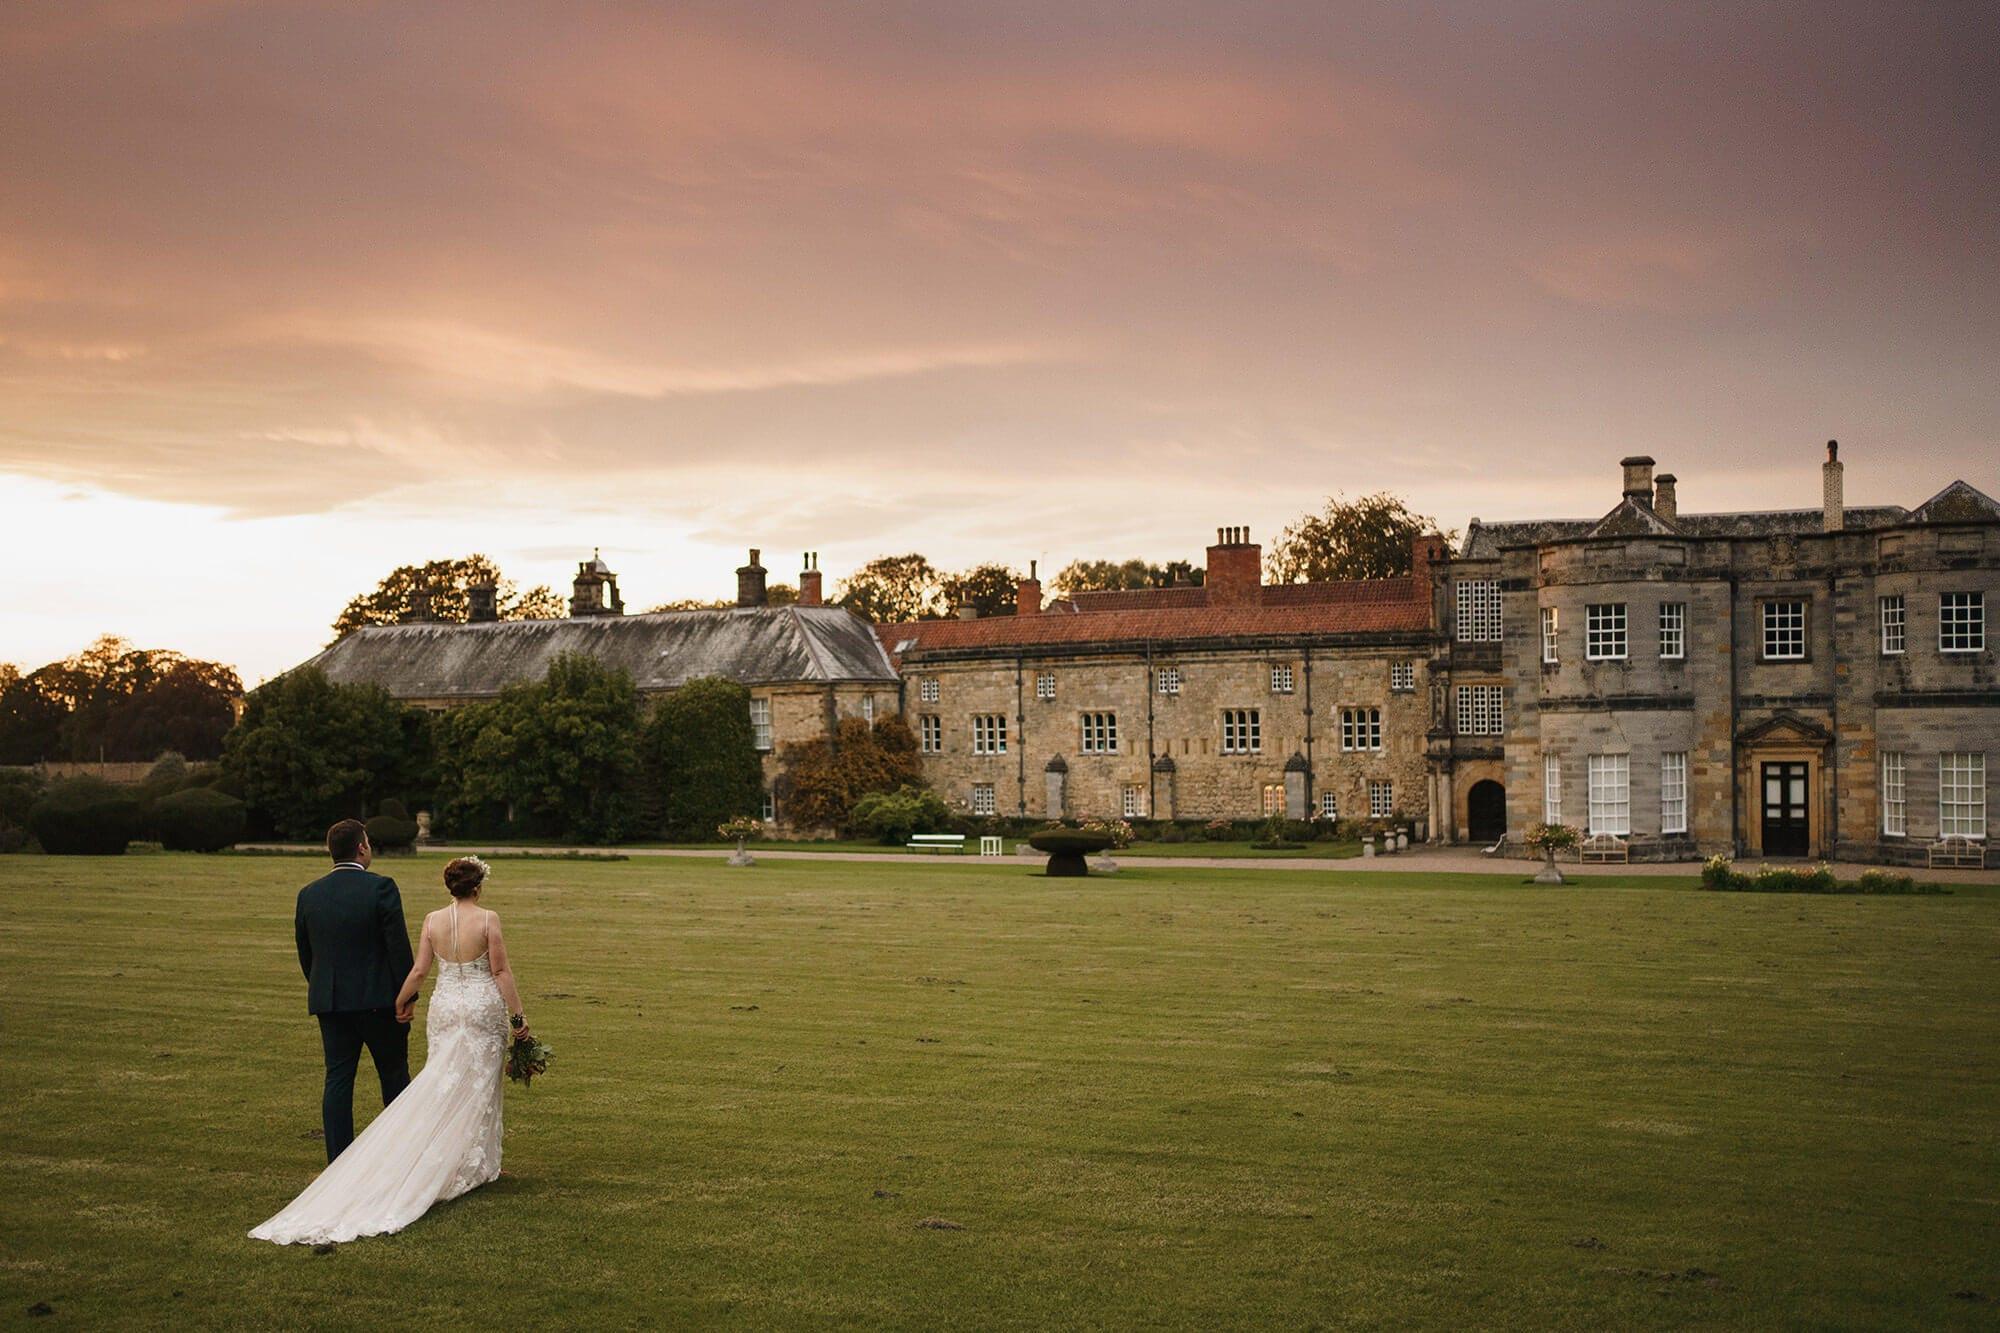 Newburgh Priory At Sunset